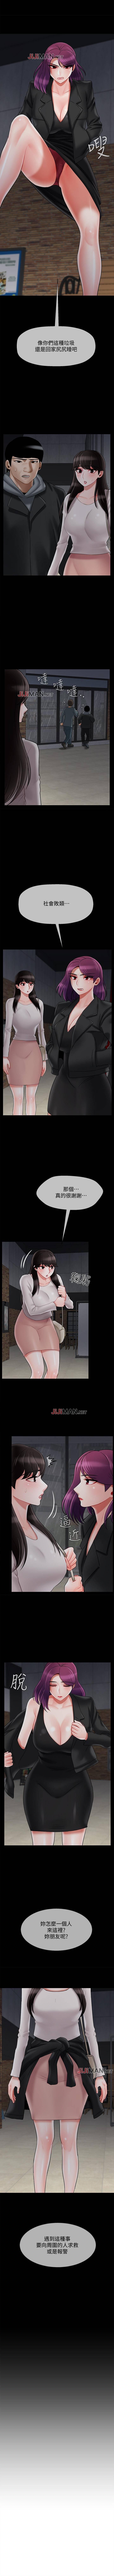 【已休刊】坏老师(作者:朴世談&福) 第1~31话 240